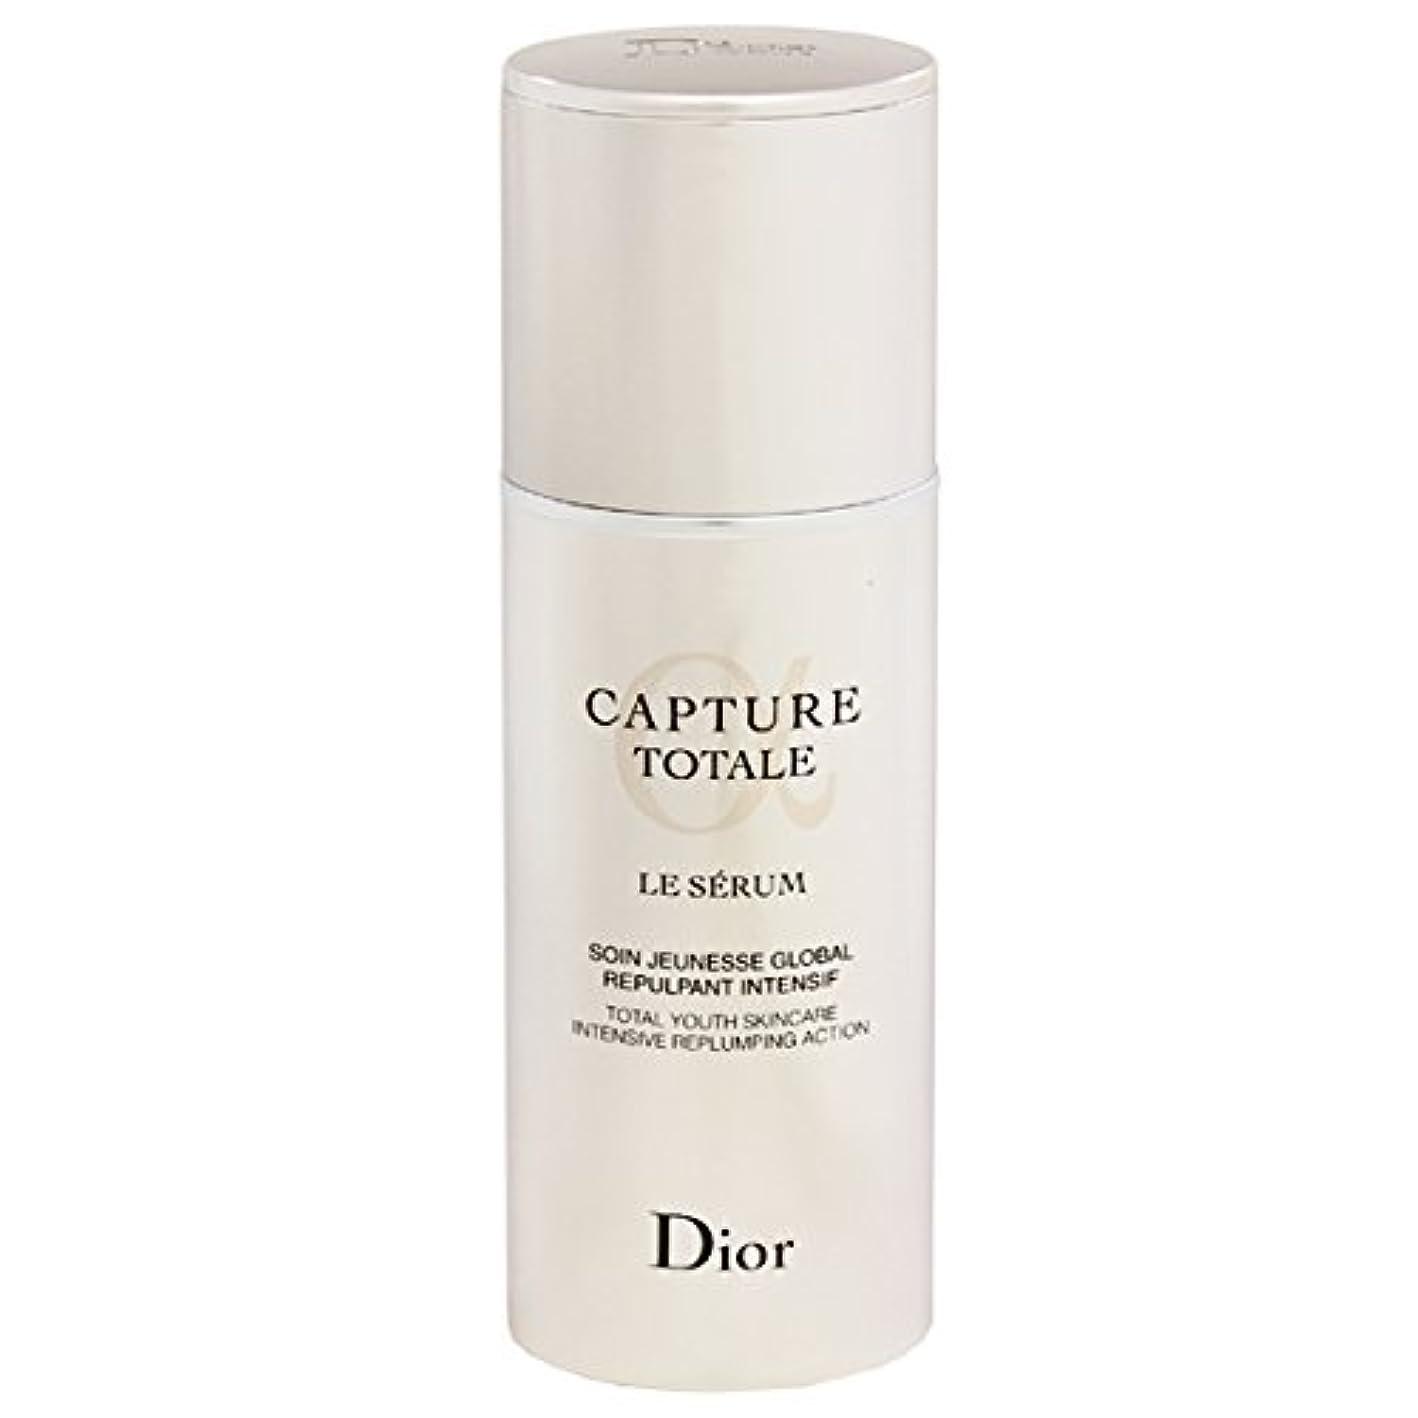 降雨ジョージエリオット郊外Dior カプチュールトータルコンセントレートセラム 50ml [224963] [並行輸入品]